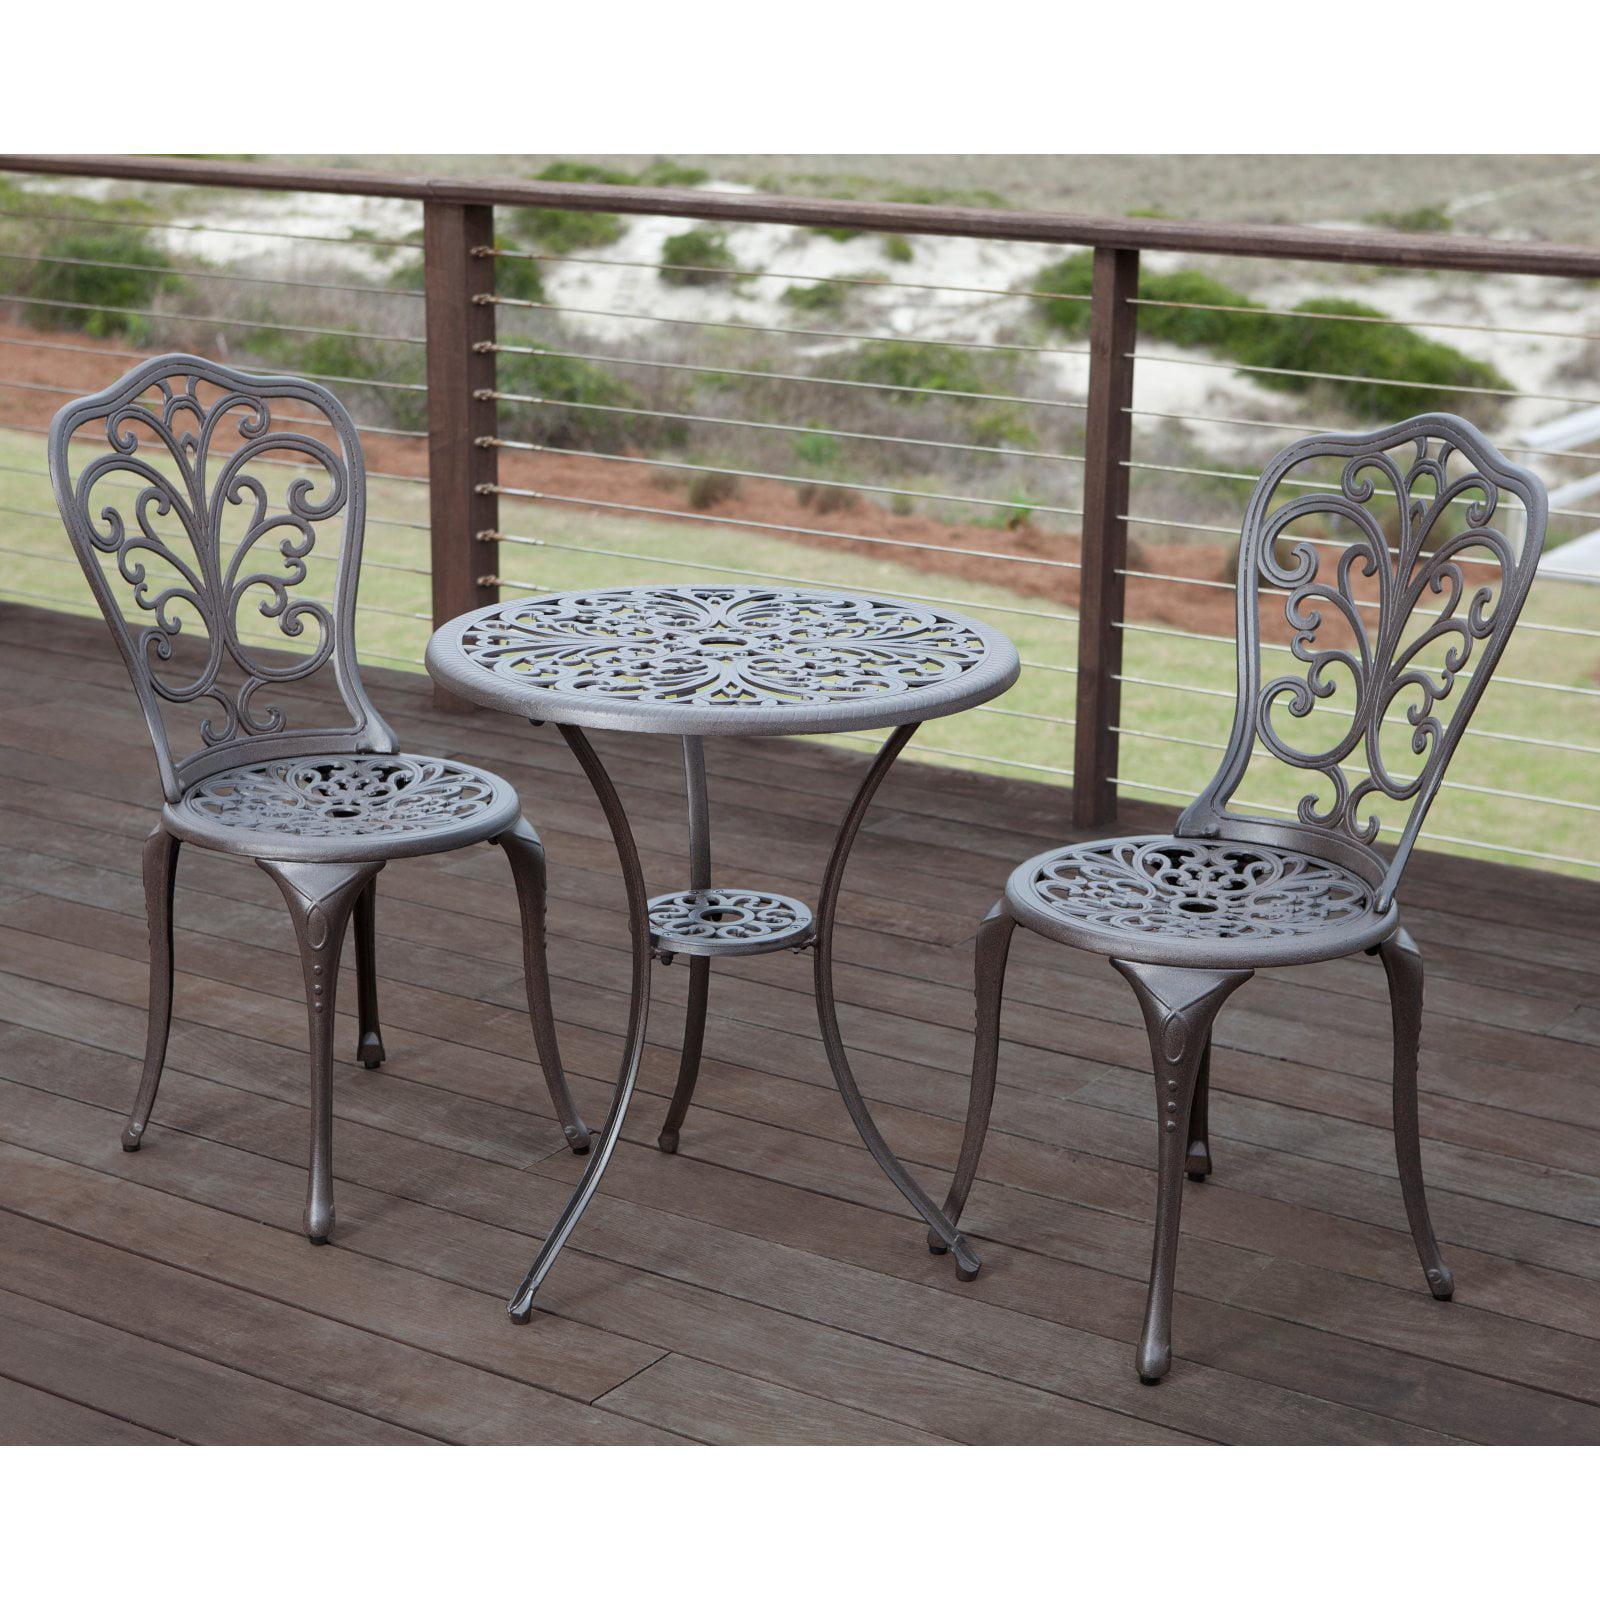 Magnificent Patio Sense Faustina Antique Bronze Cast Aluminum 3 Piece Bistro Set Dailytribune Chair Design For Home Dailytribuneorg